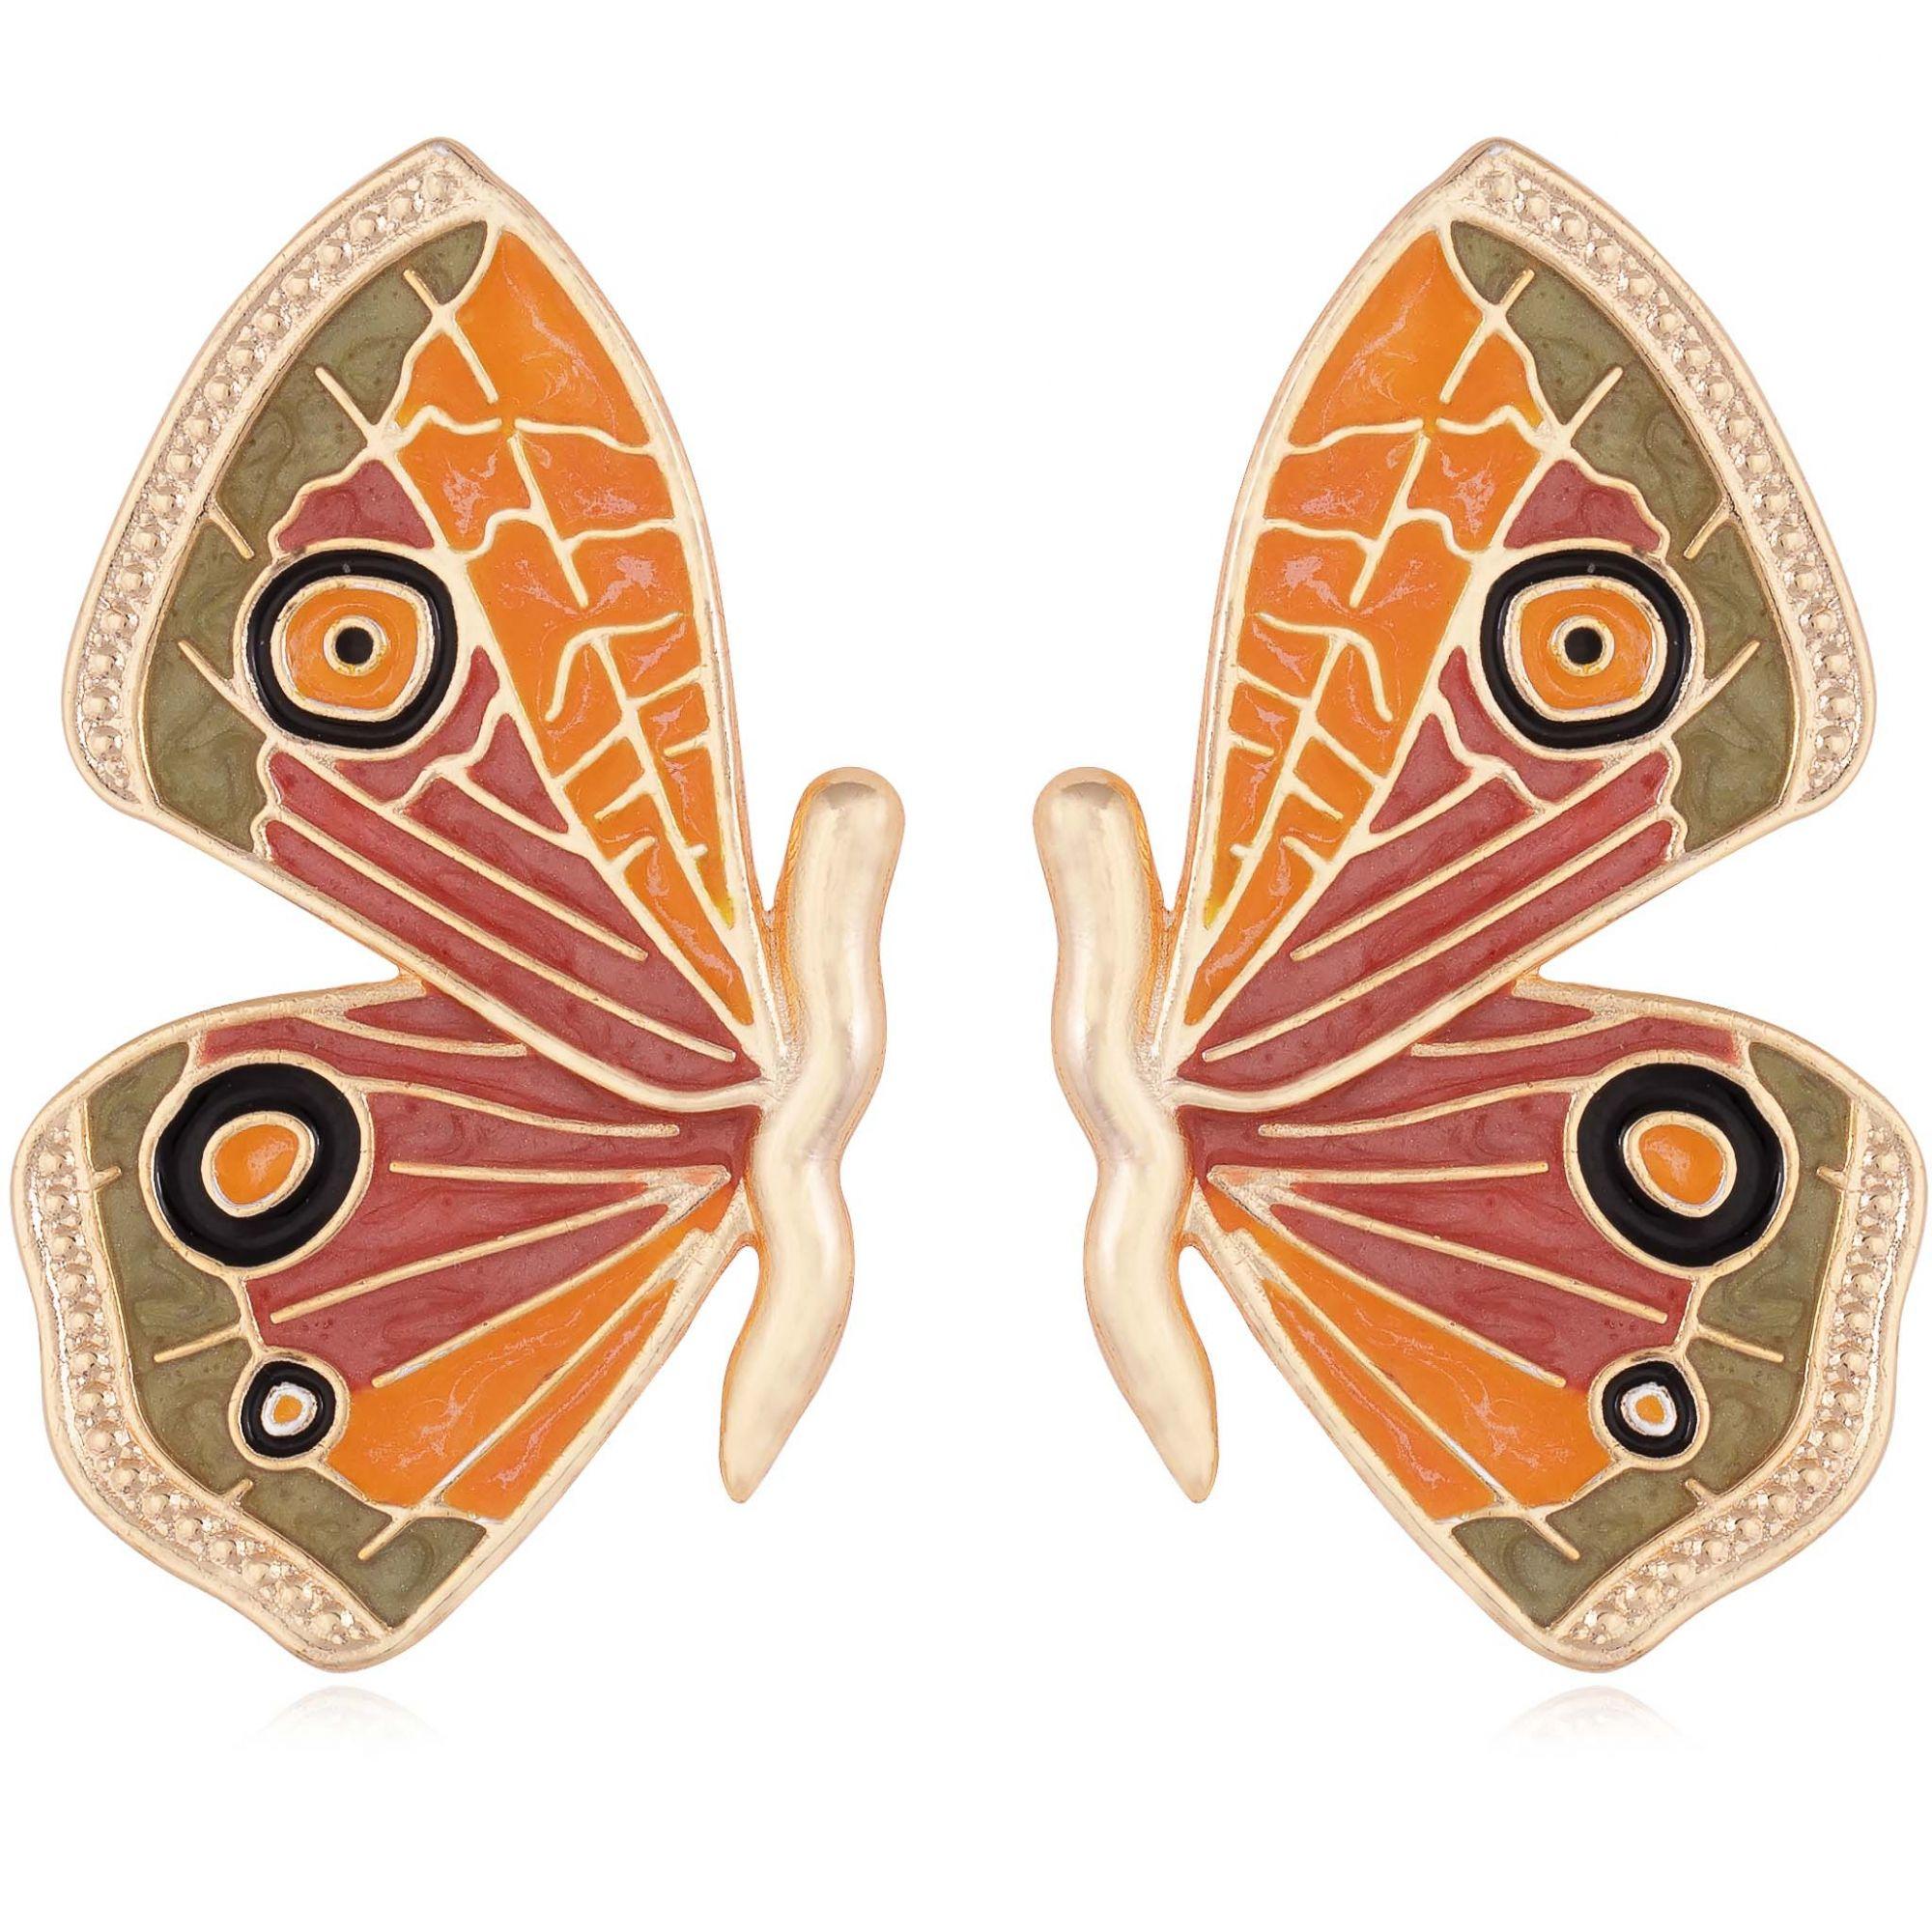 Brinco borboleta banhado a ouro 18k resinado em verde, amarelo e terracota.  - romabrazil.com.br